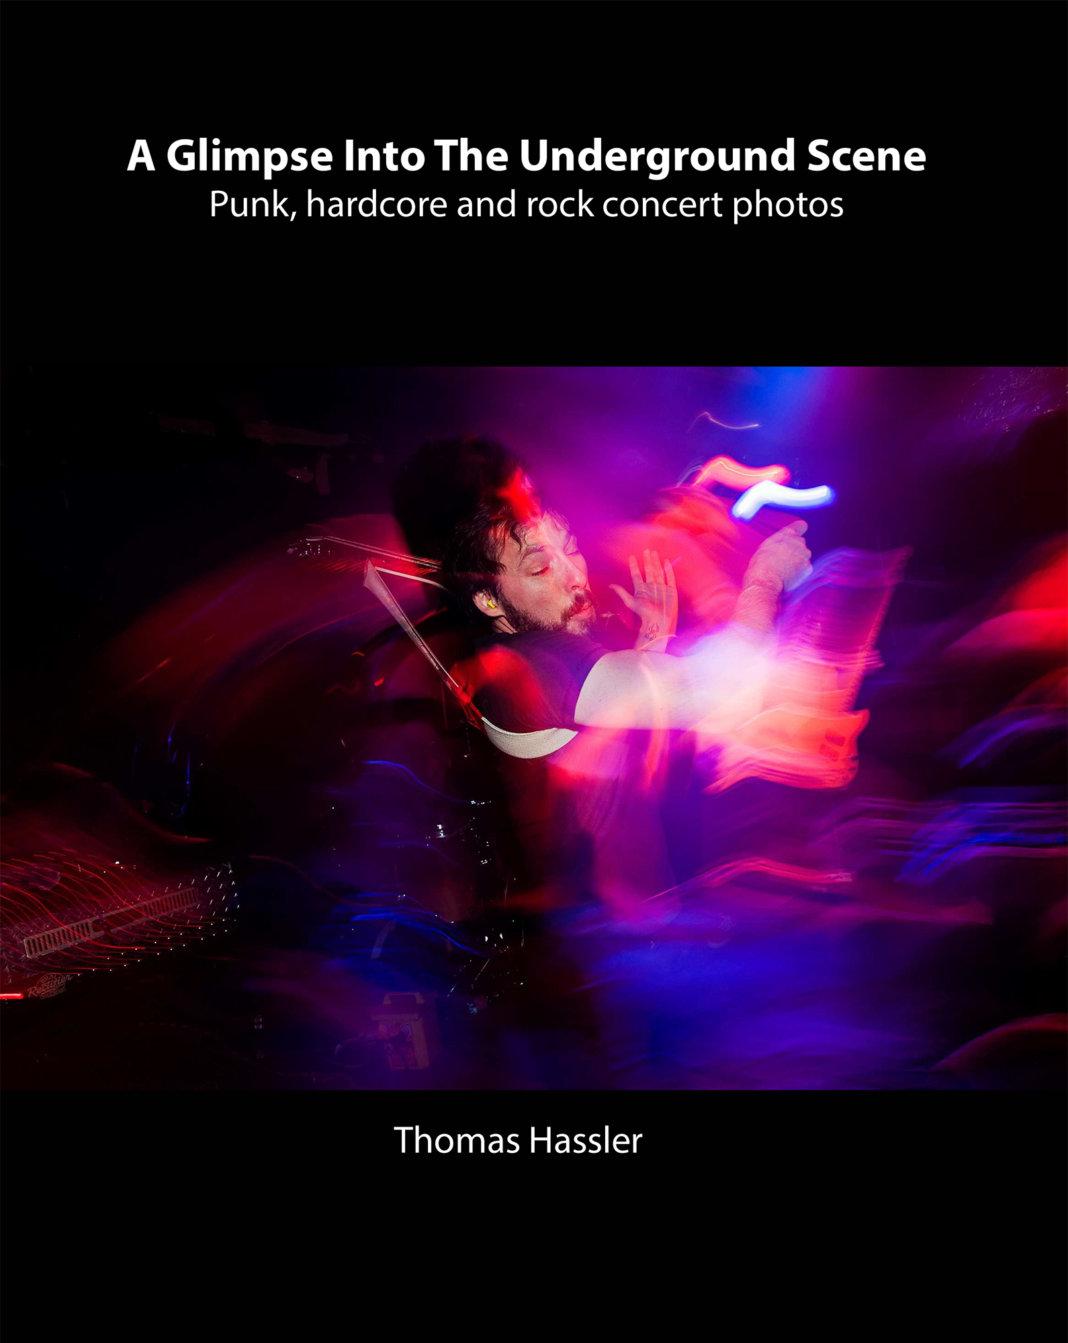 A Glimpse Into The Underground Scene